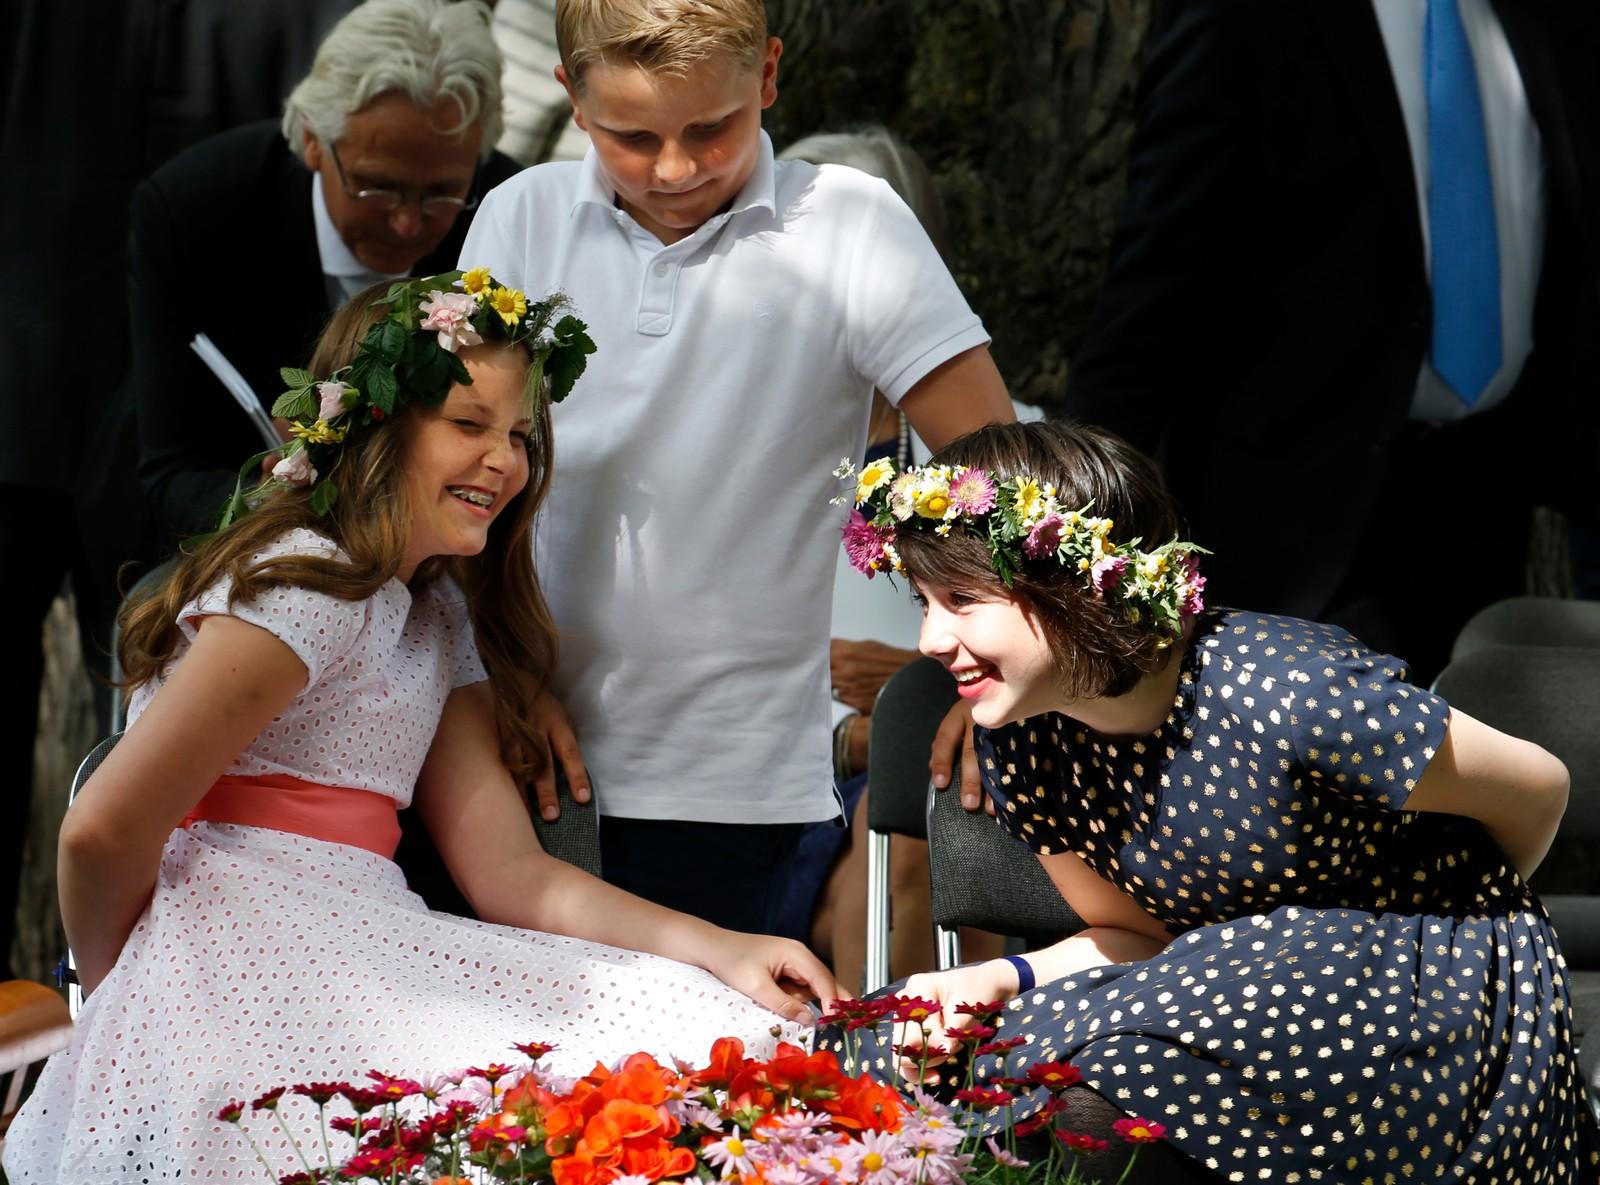 SYSKENBARN OG VENNER: Maud Angelica Behn og prinsesse Ingrid Alexandra er gode venner - og kusiner. Her under hagefesten i stiftgårdsparken i Trondheim i samband med besteforeldrene sitt 25 årsjubileum som kongepar i Norge i fjor sommar.